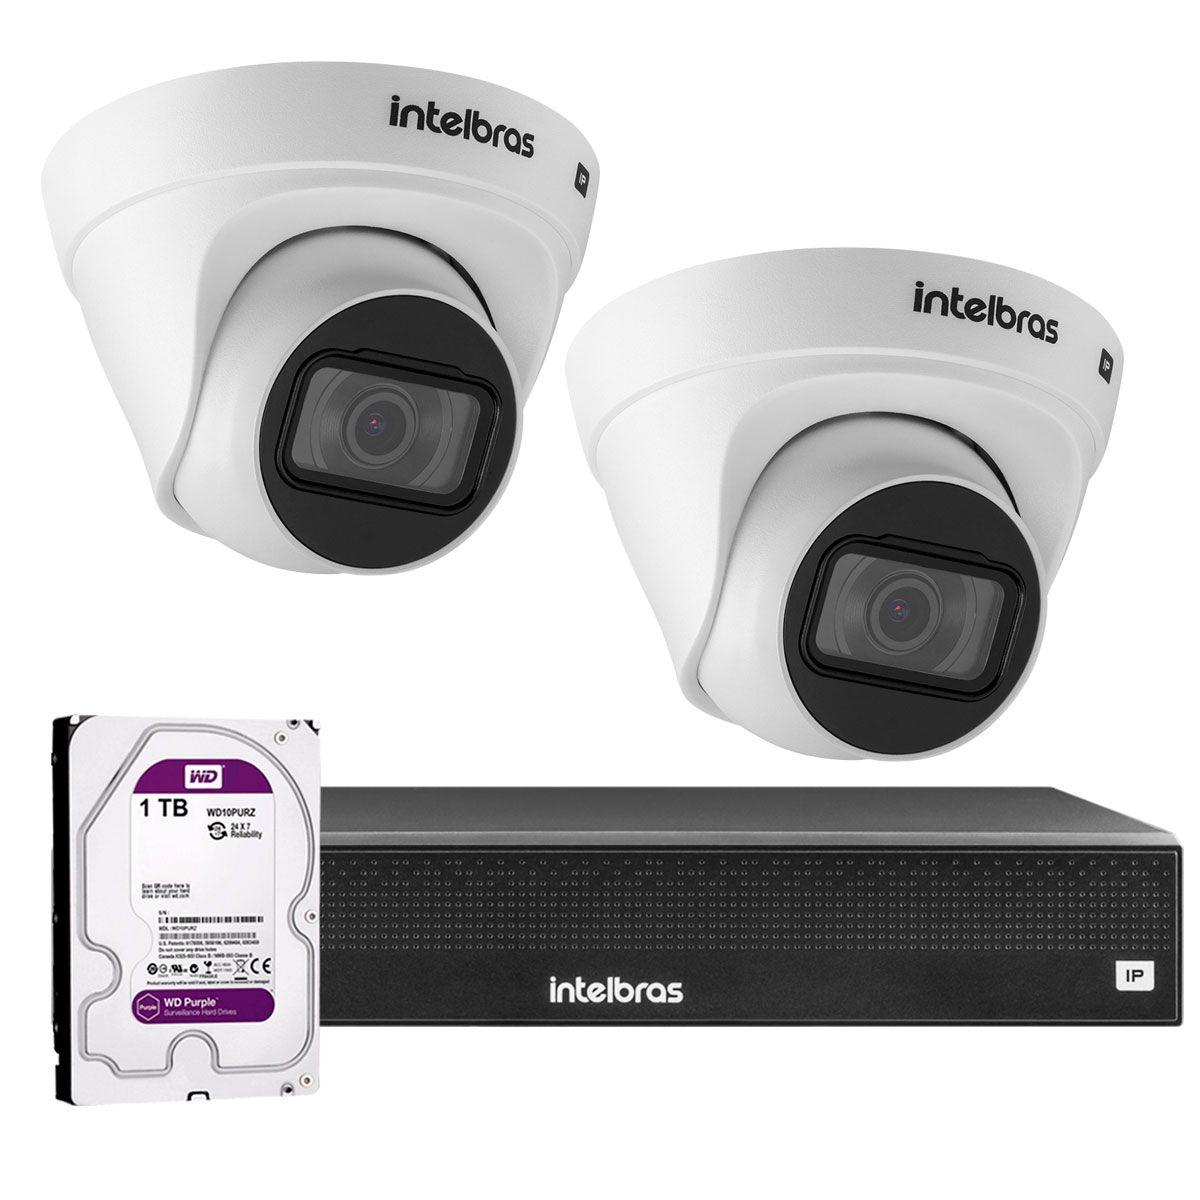 kit-2-cameras-vip-1020-d-g2-nvr-intelbras-hd-1tb-para-armazenamento-app-gratis-de-monitoramento-cameras-hd-720p-20m-infravermelho-de-visao-noturna-intelbras